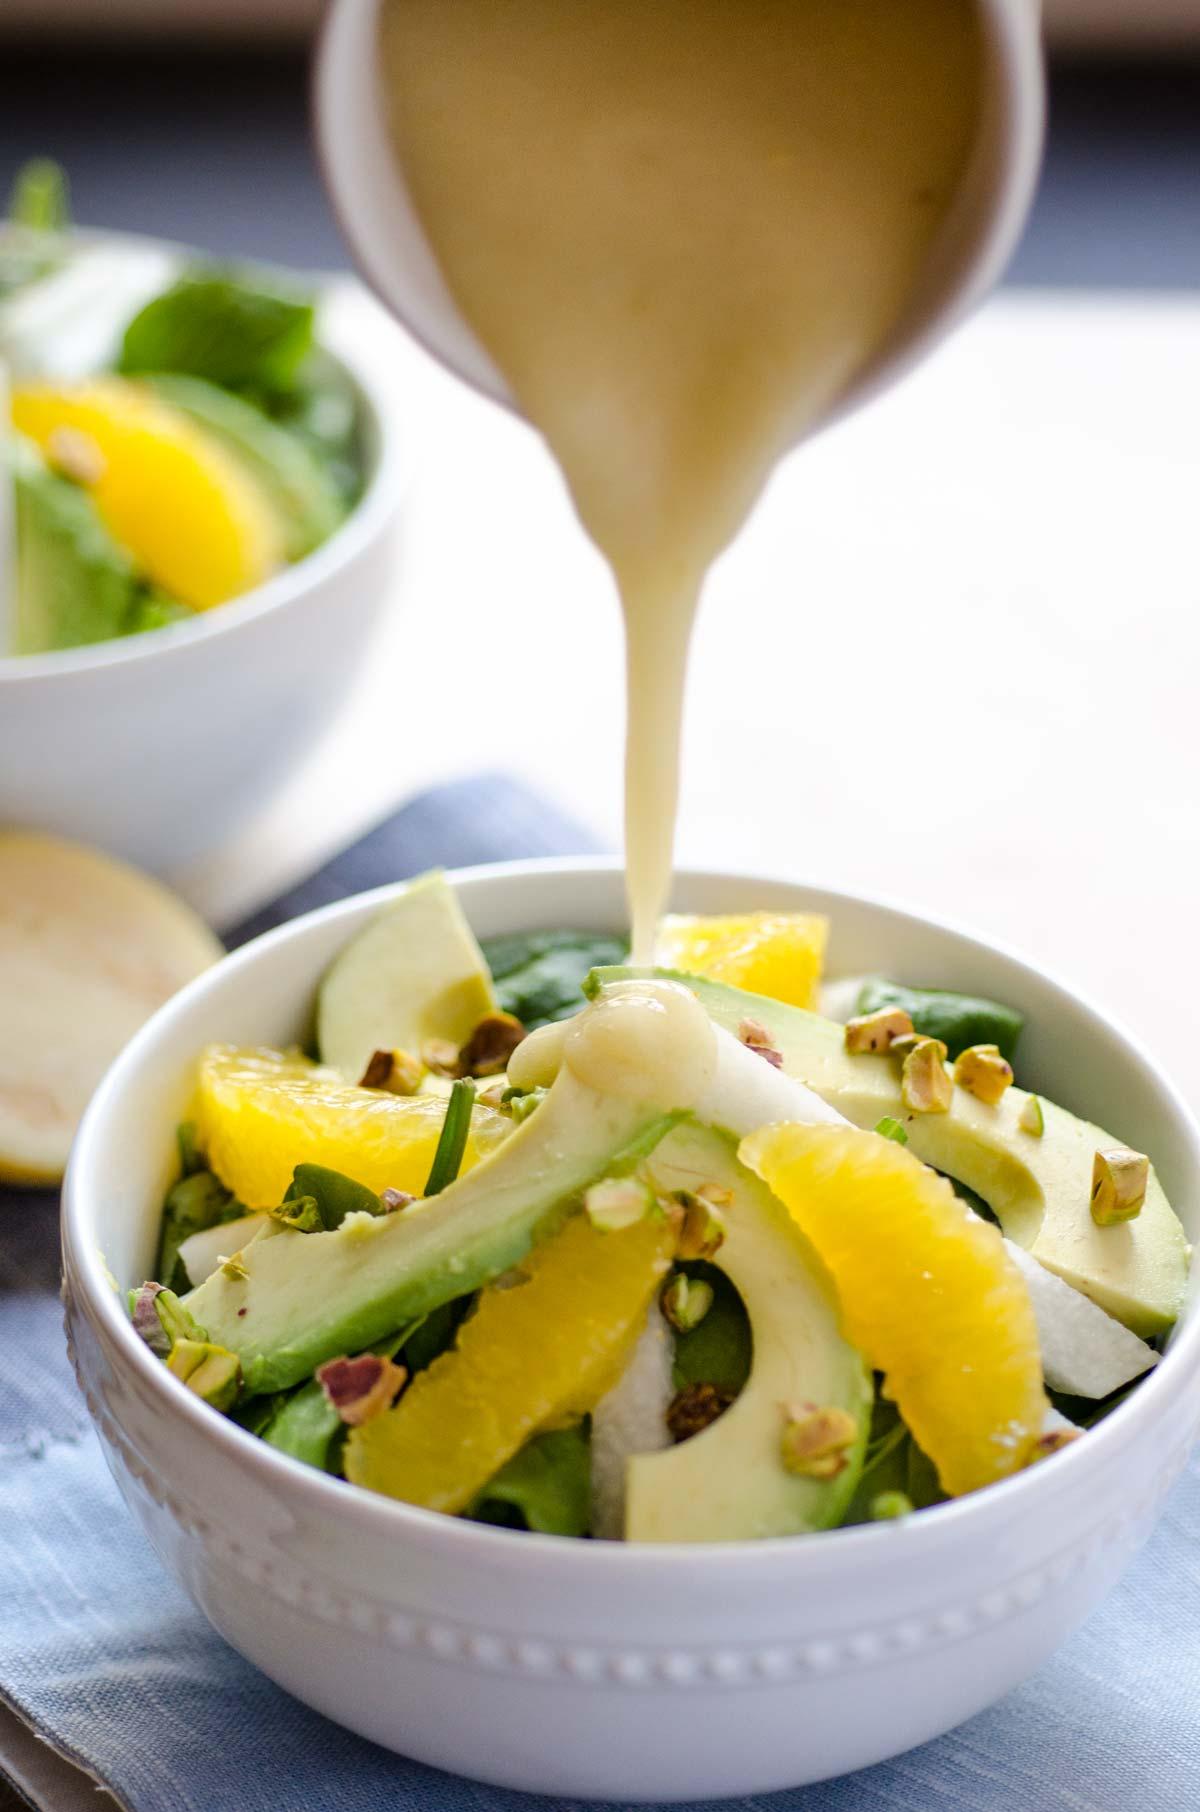 Esta ensalada de naranja, jicama y aguacate esta bañada en un aderezo de guayaba y decorada con pistaches.¡Me encantan las guayabas!